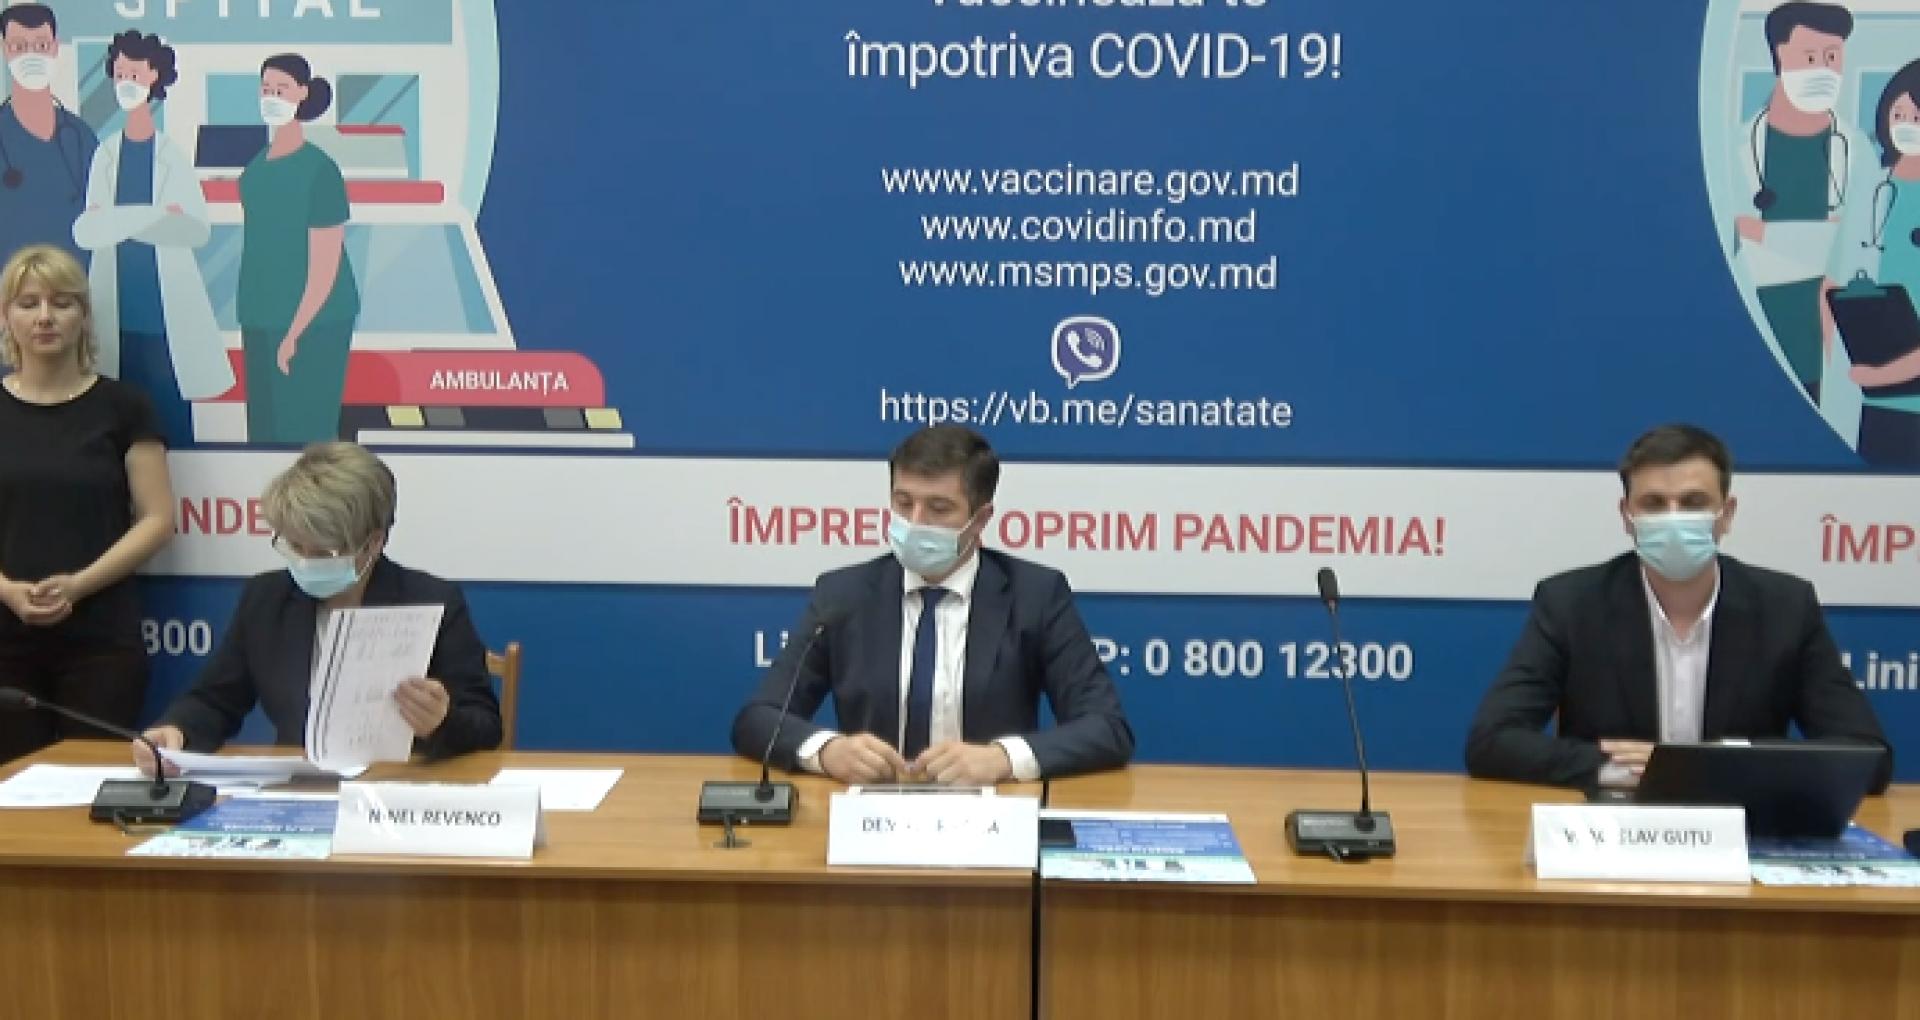 ULTIMA ORĂ/ Autoritățile din sănătate anunță că R. Moldova va recepționa în perioada următoare peste 50 mii de doze de vaccin AstraZeneca din partea Letoniei și Lituaniei și 7020 de doze de vaccin Pfizer